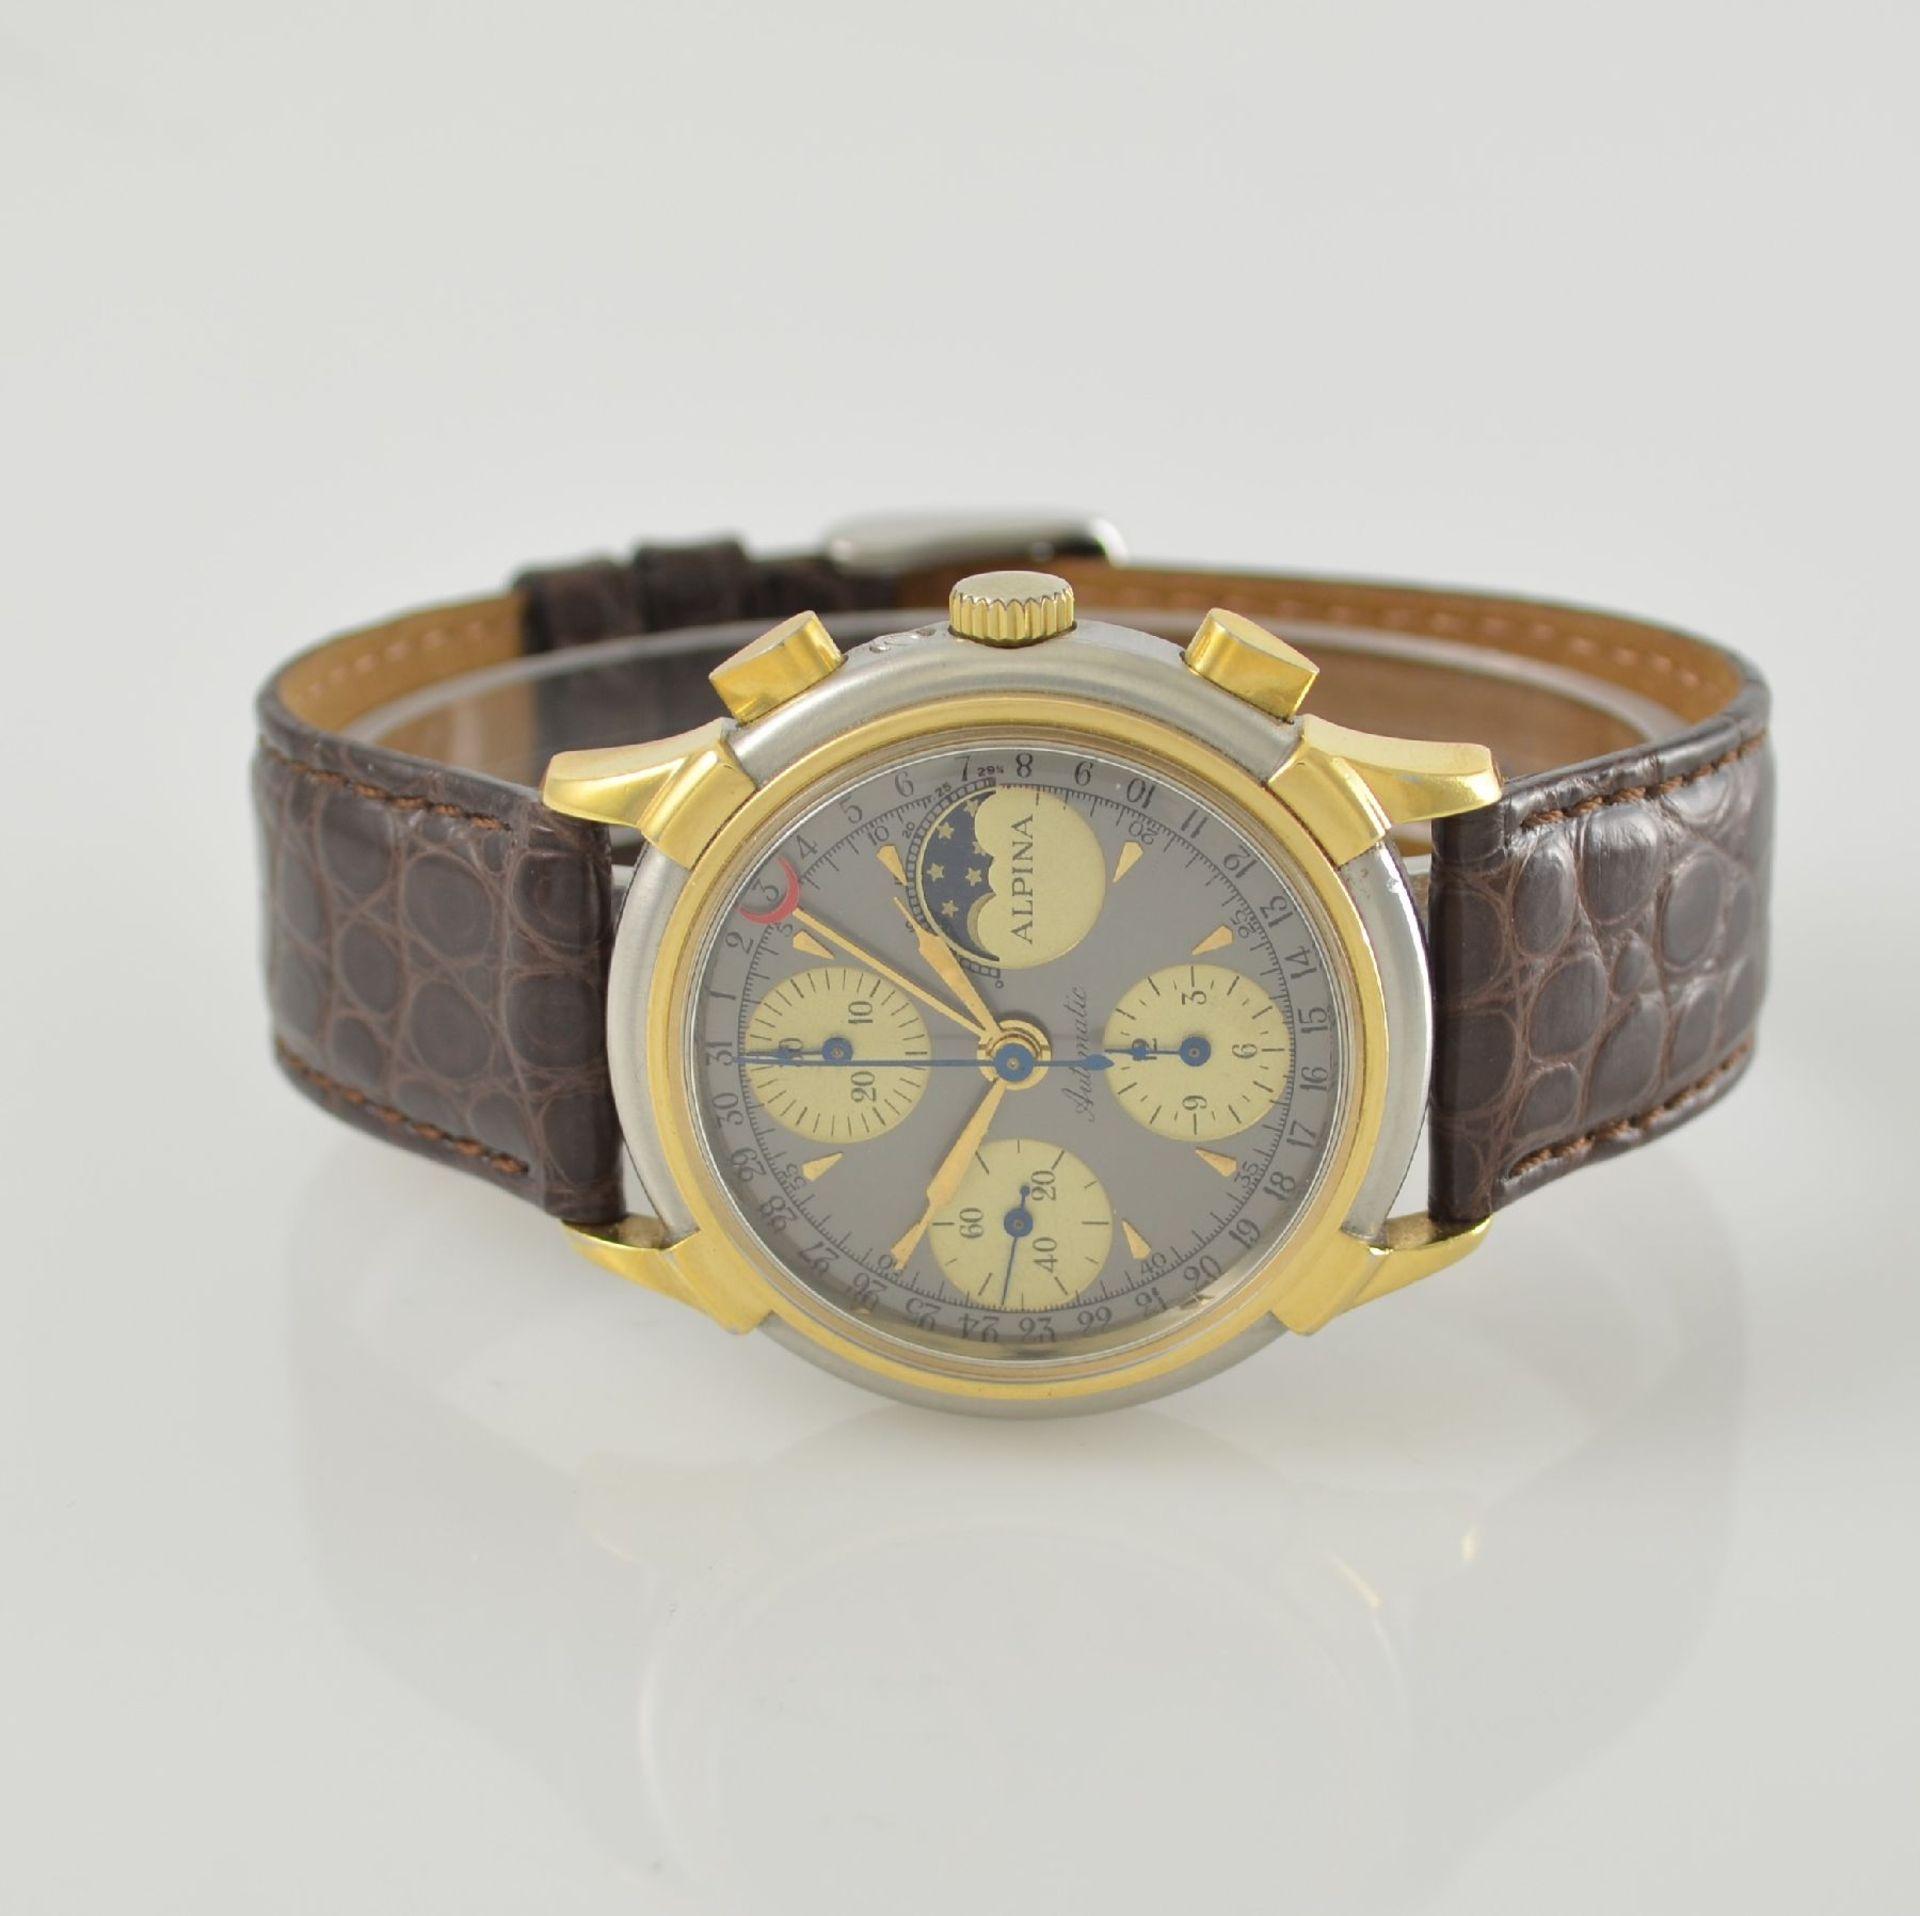 ALPINA Armbandchronograph mit Mondphase & Datum, Schweiz um 1990, Gehäuse in Edelstahl/Gold, Boden